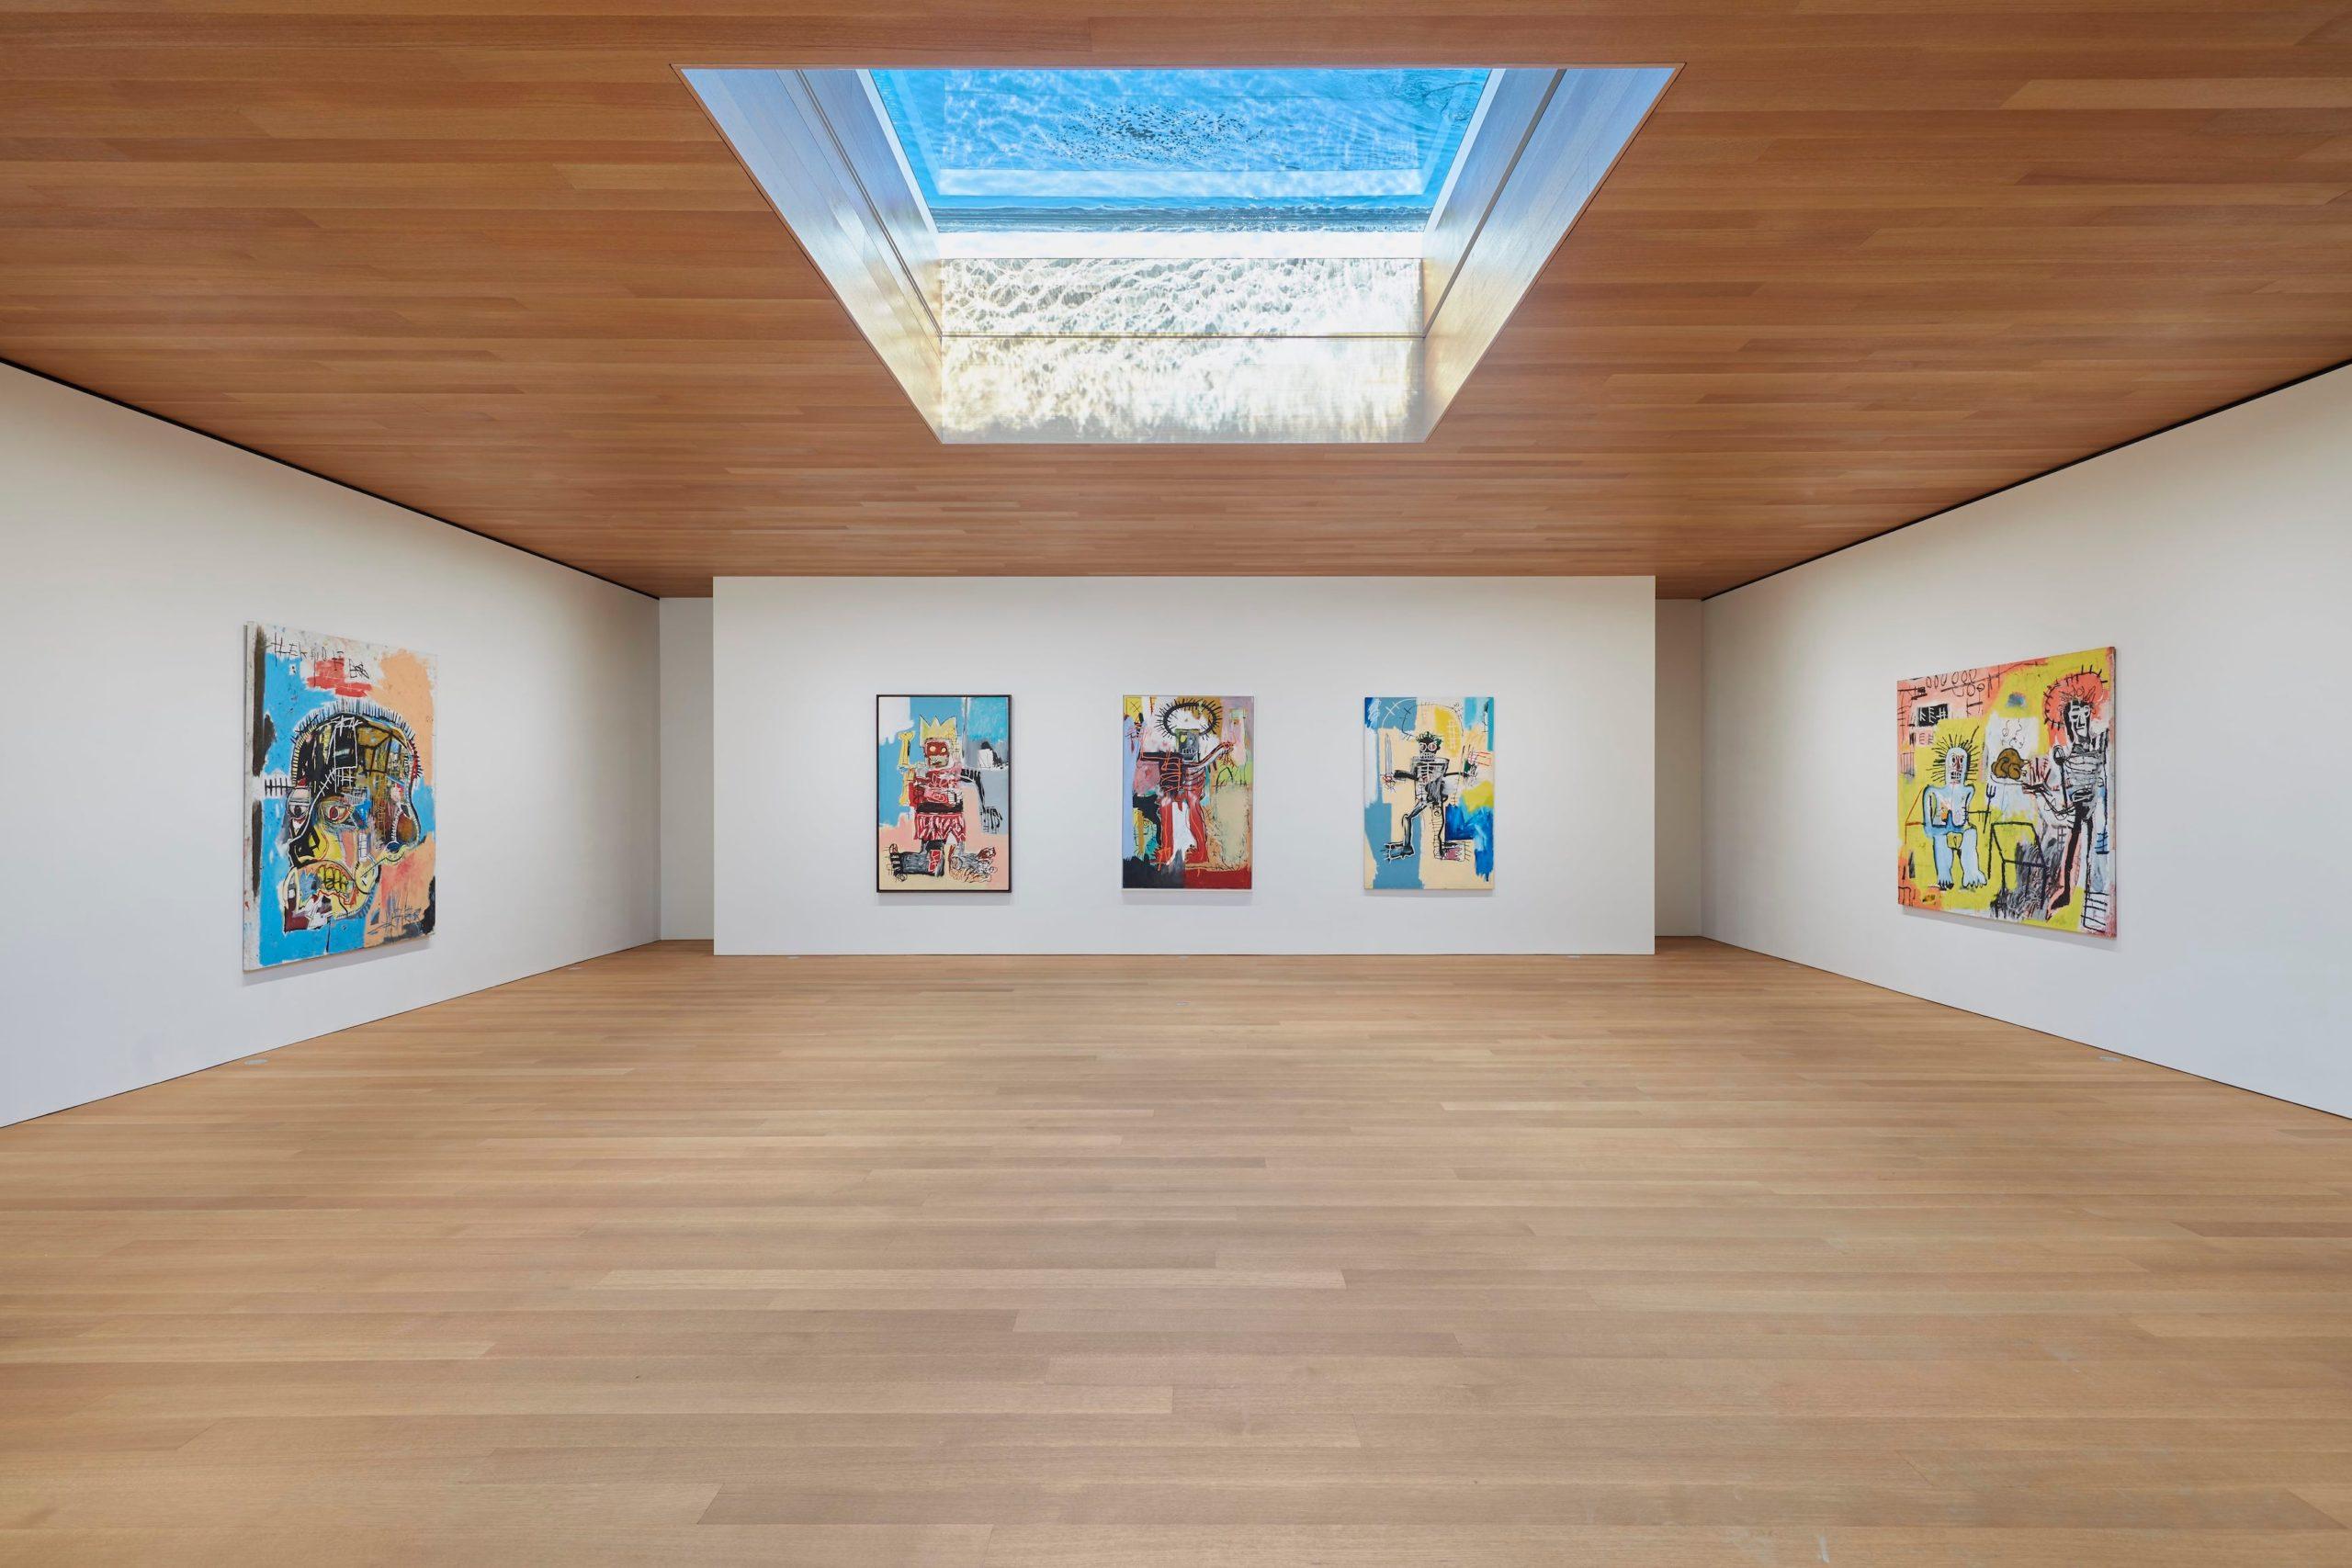 Sala de exposiciones con obras de Jean-Michael-Basquiat